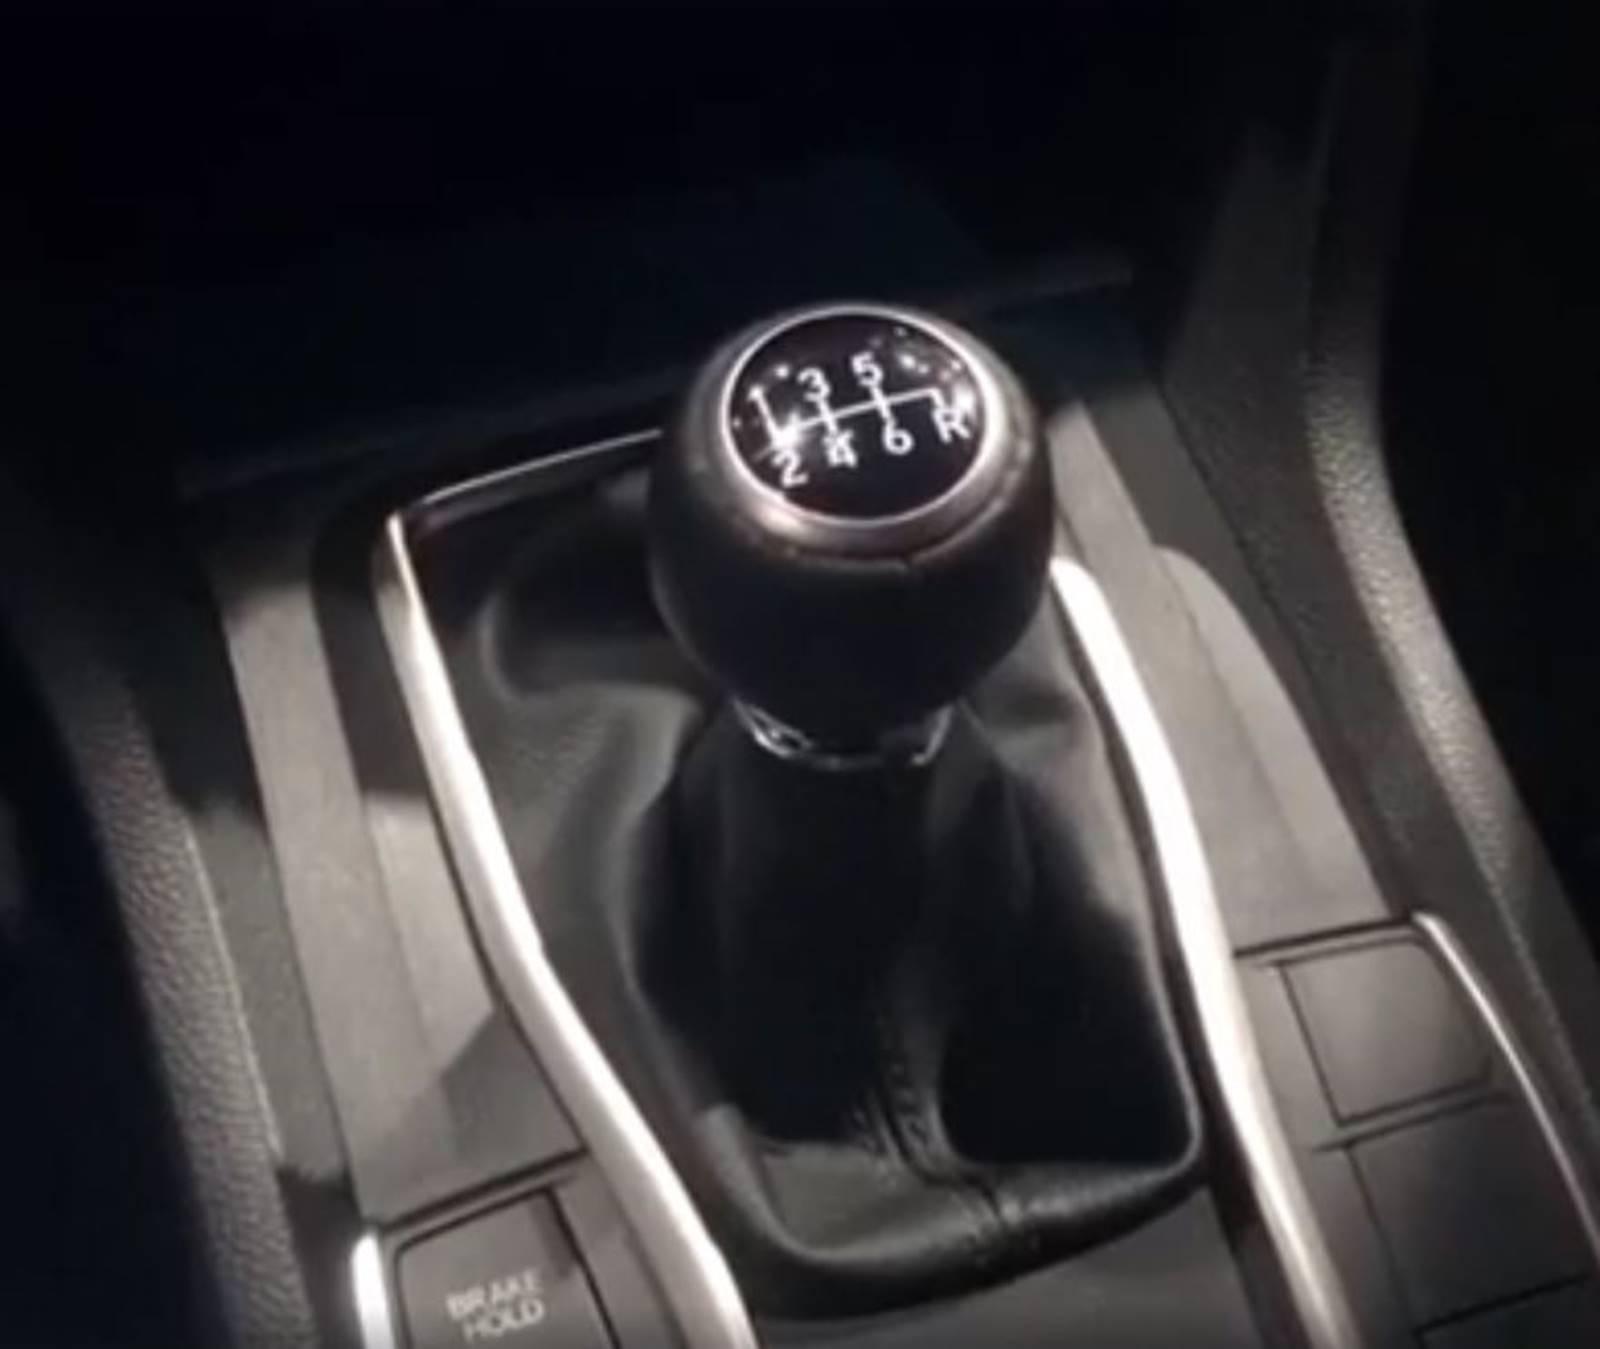 Honda Civic 2017 Tabela De Preos Comea Em R 879 Mil